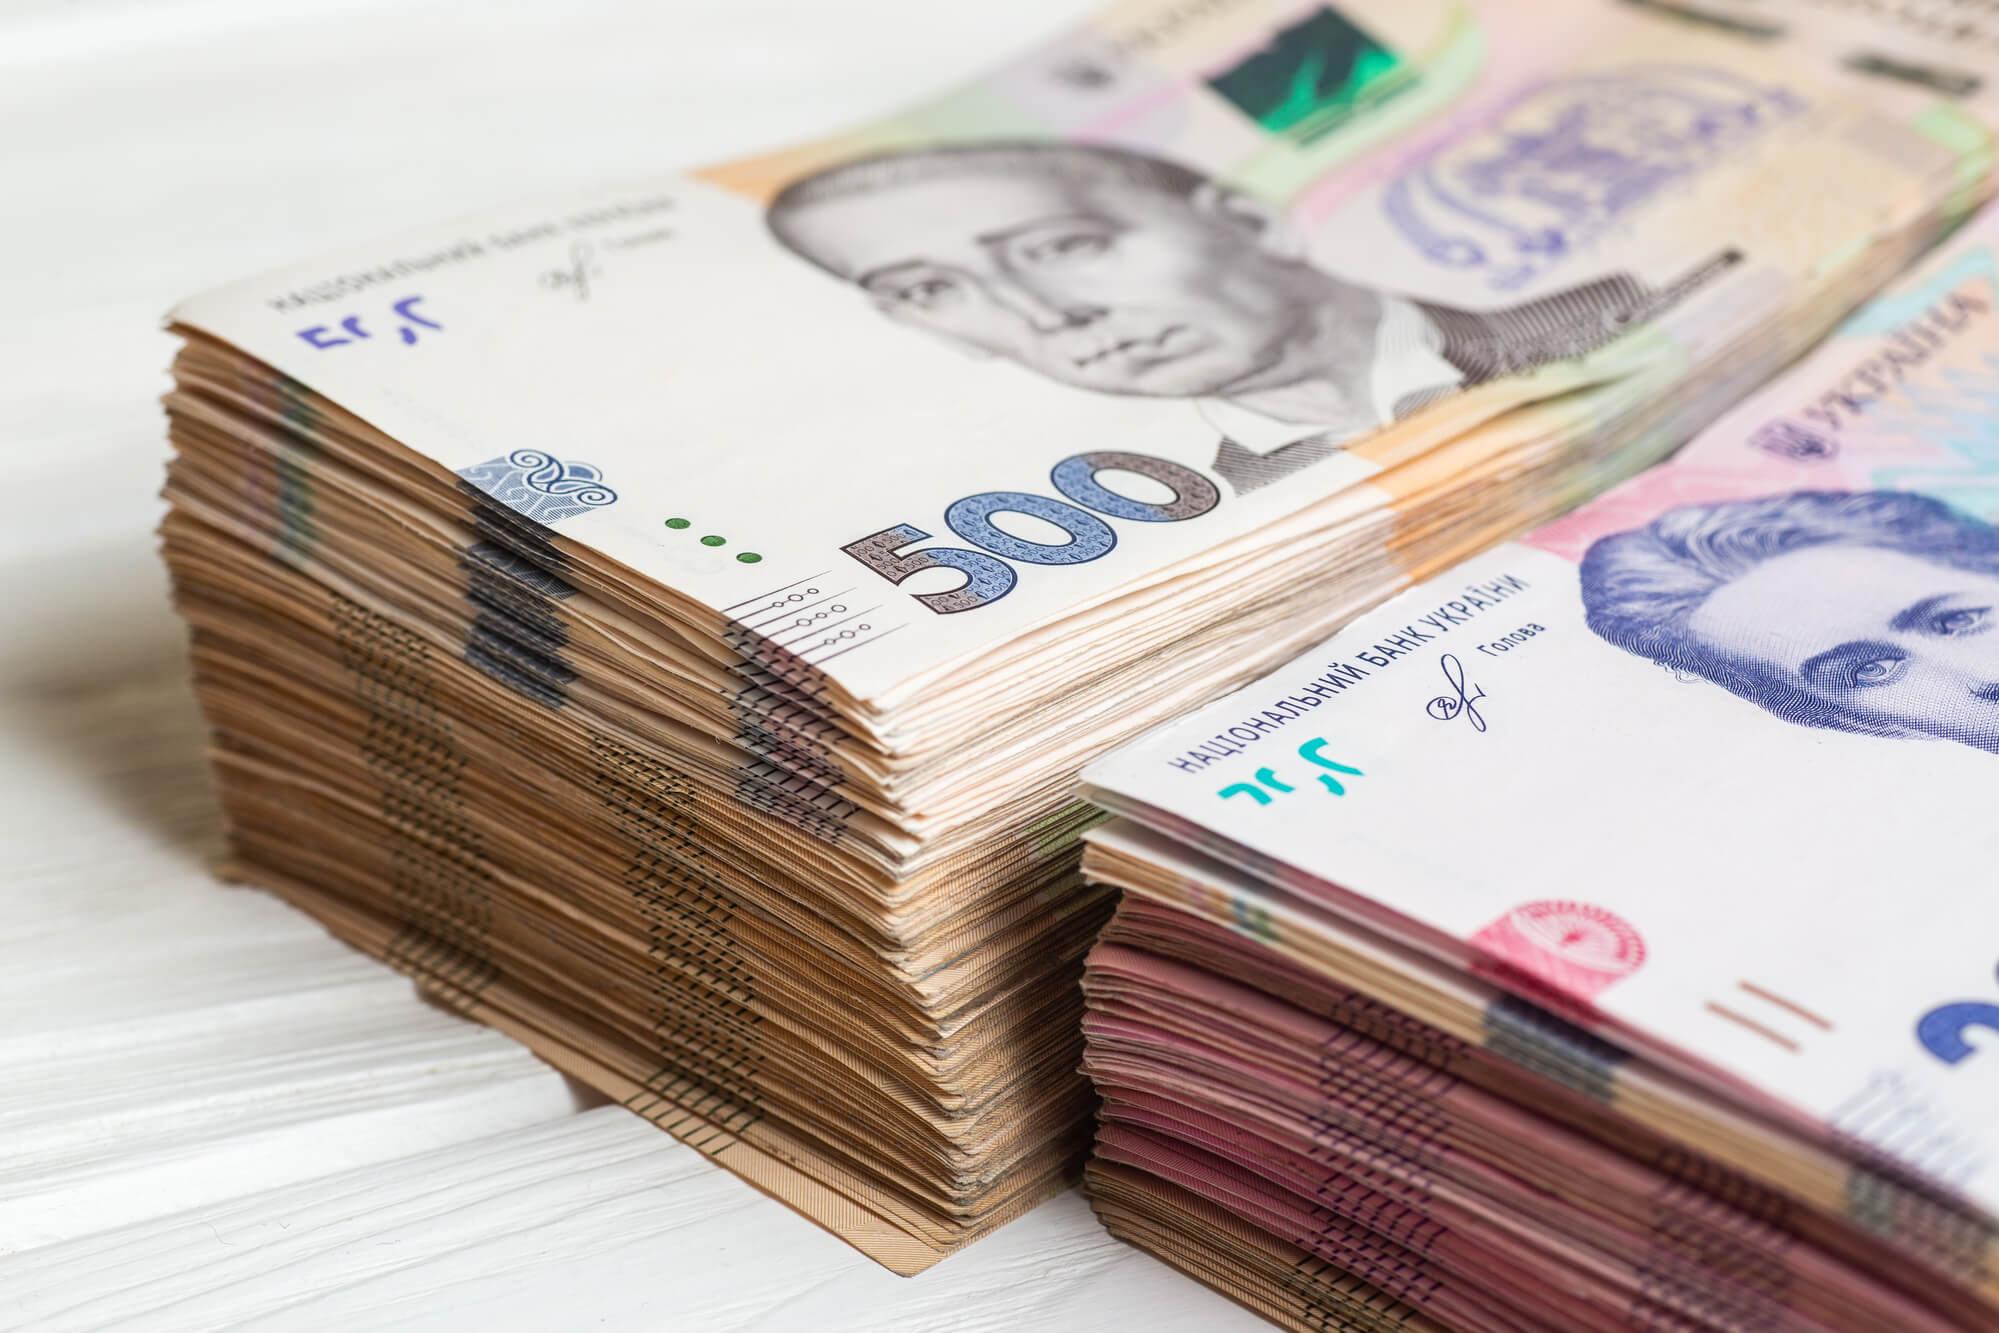 В Україні планують надавати 100 тисяч гривень на власну справу